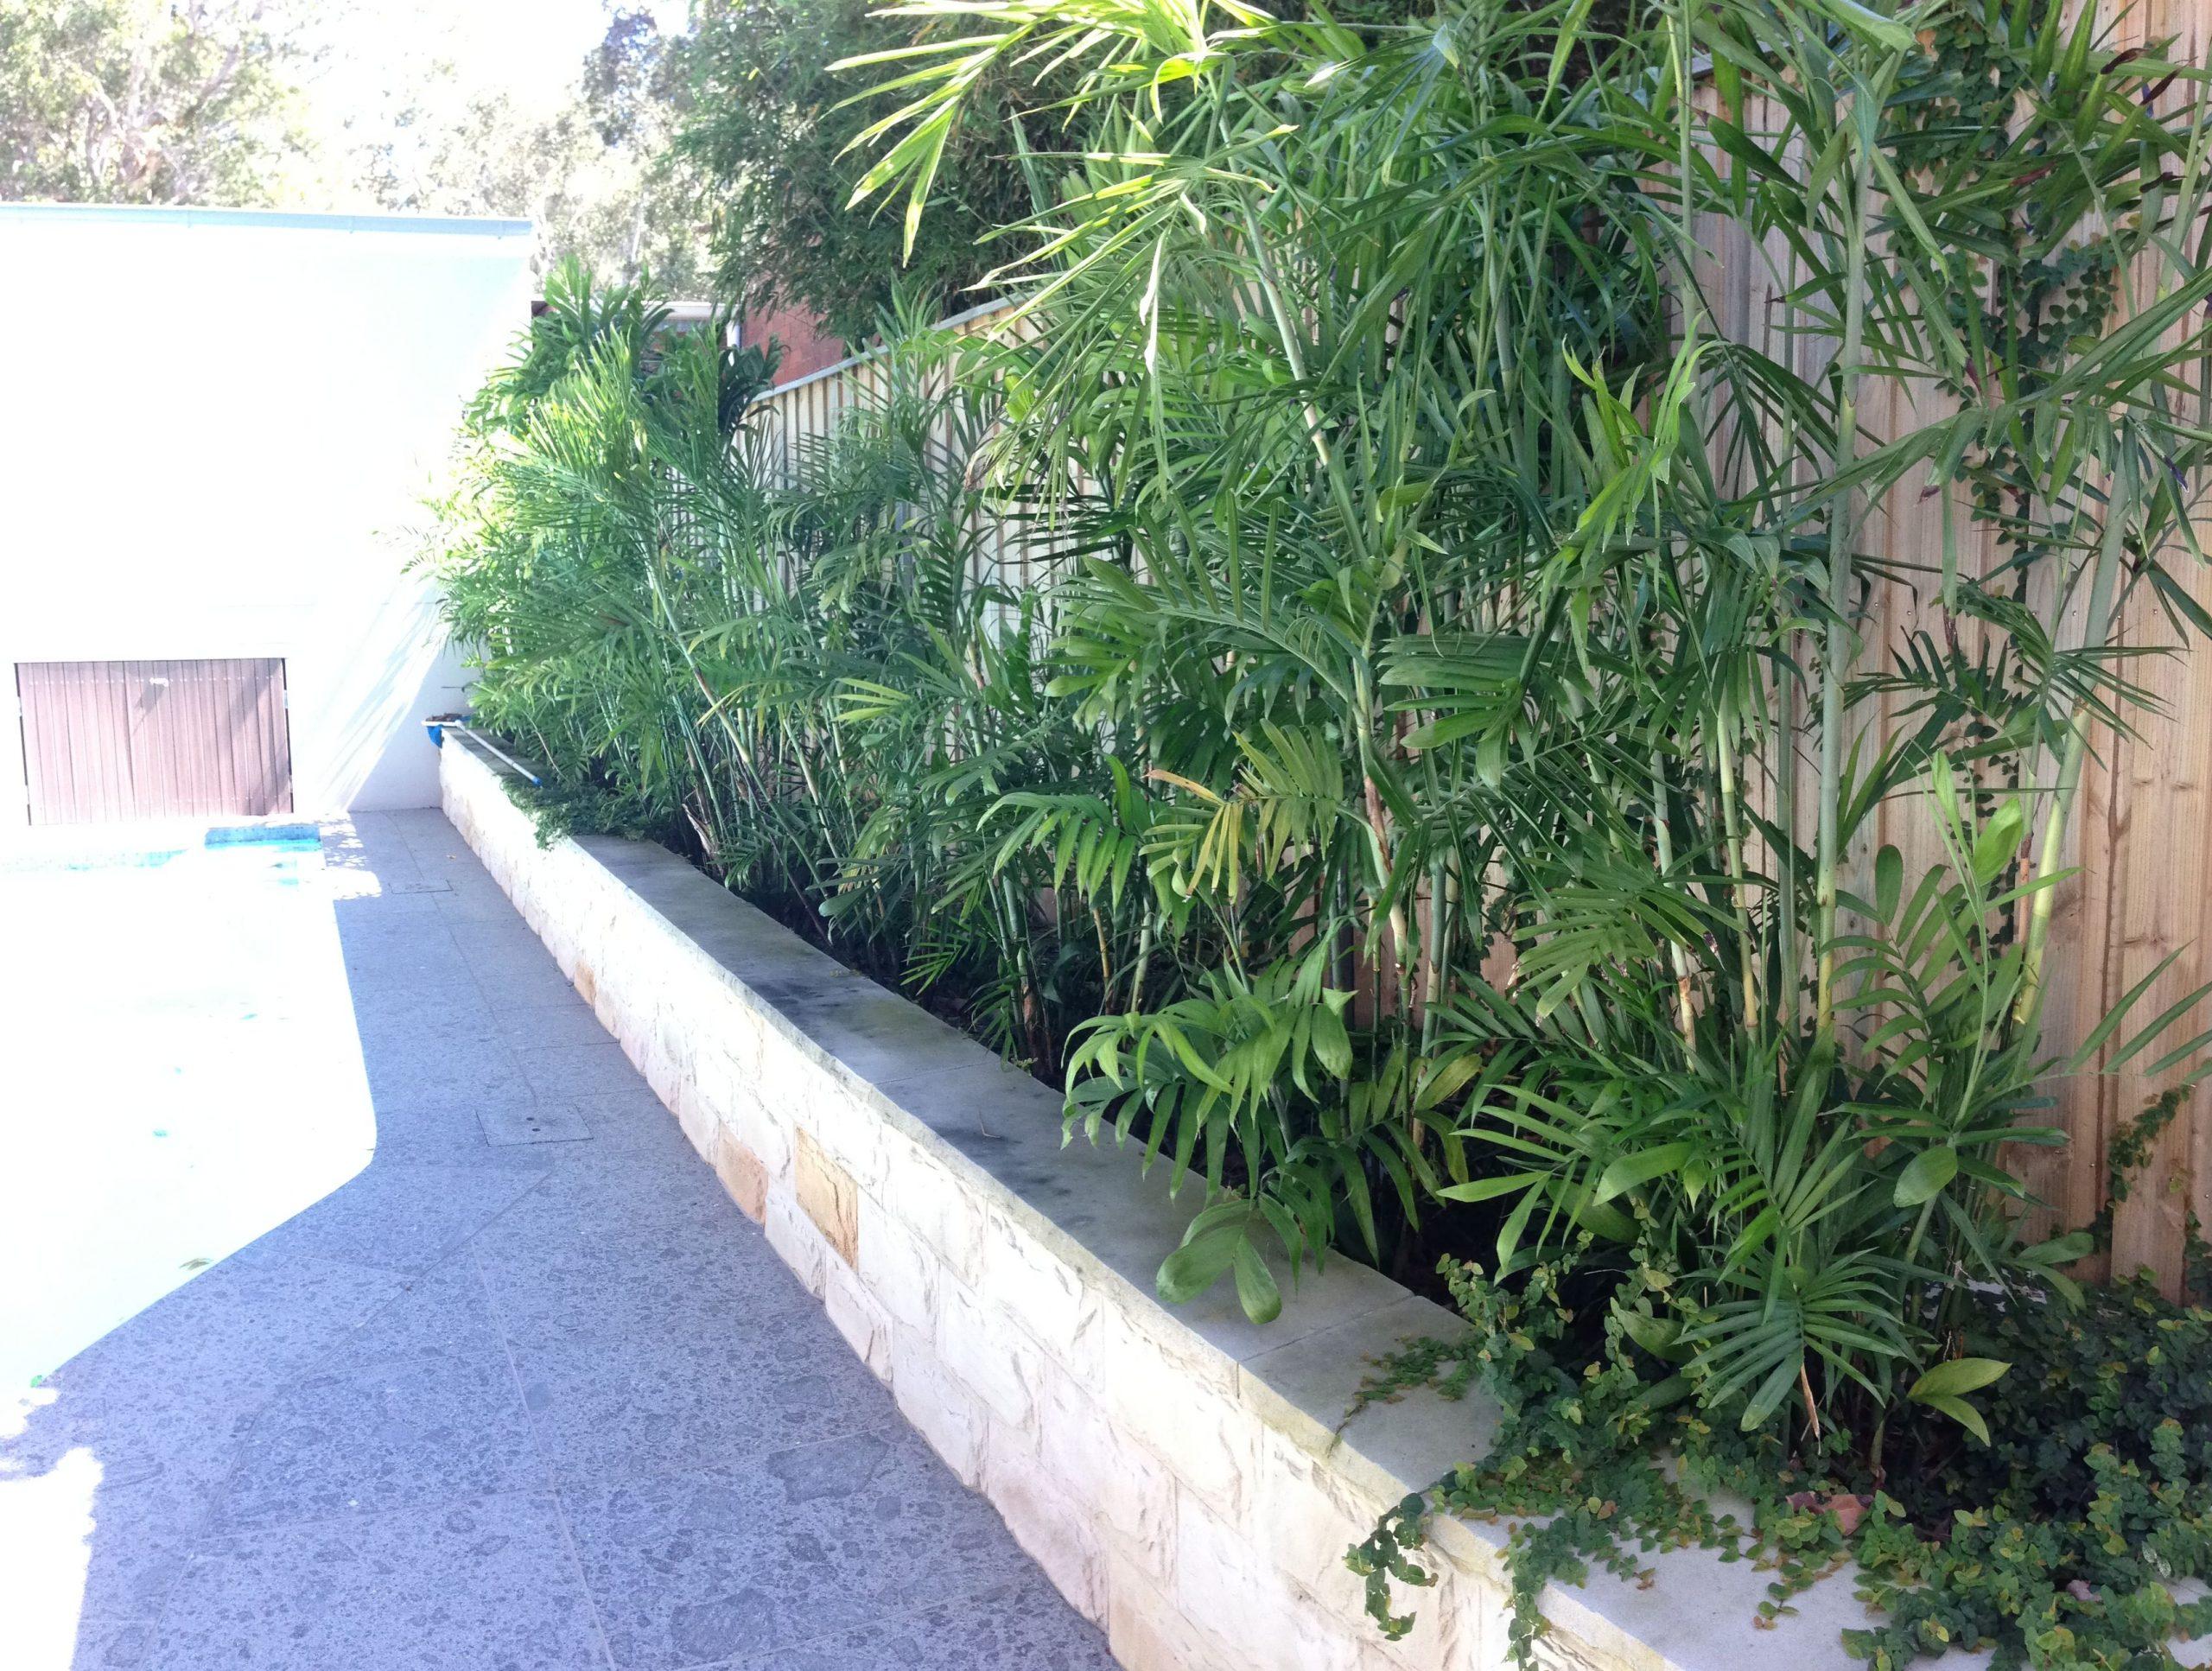 Park Art|My WordPress Blog_Bamboo Garden Menu 29 Palms